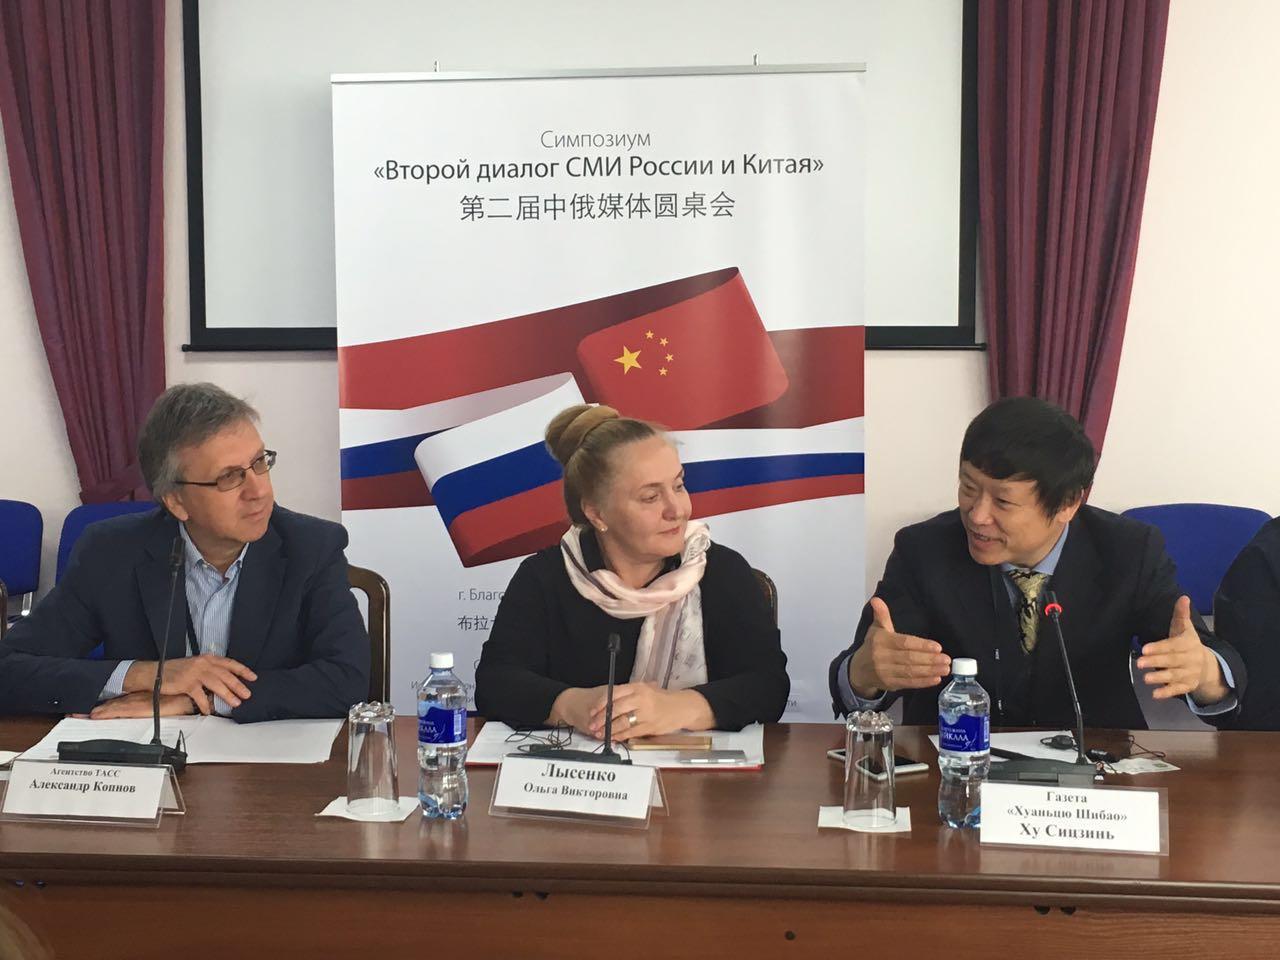 第二届中俄媒体对话会纵论天下事 环球时报社和